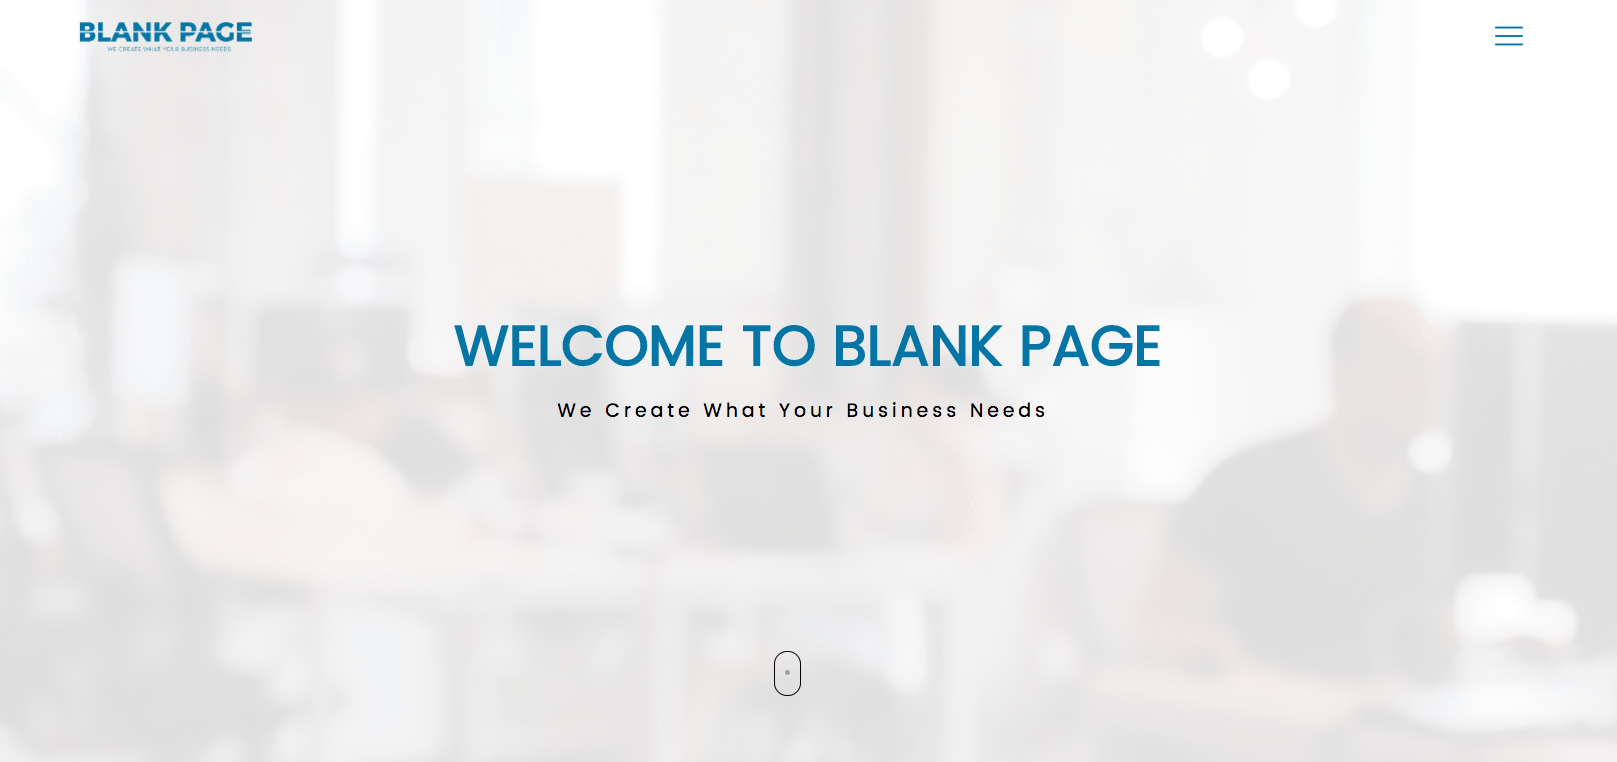 Blank Page - Israel - Agency - Digital